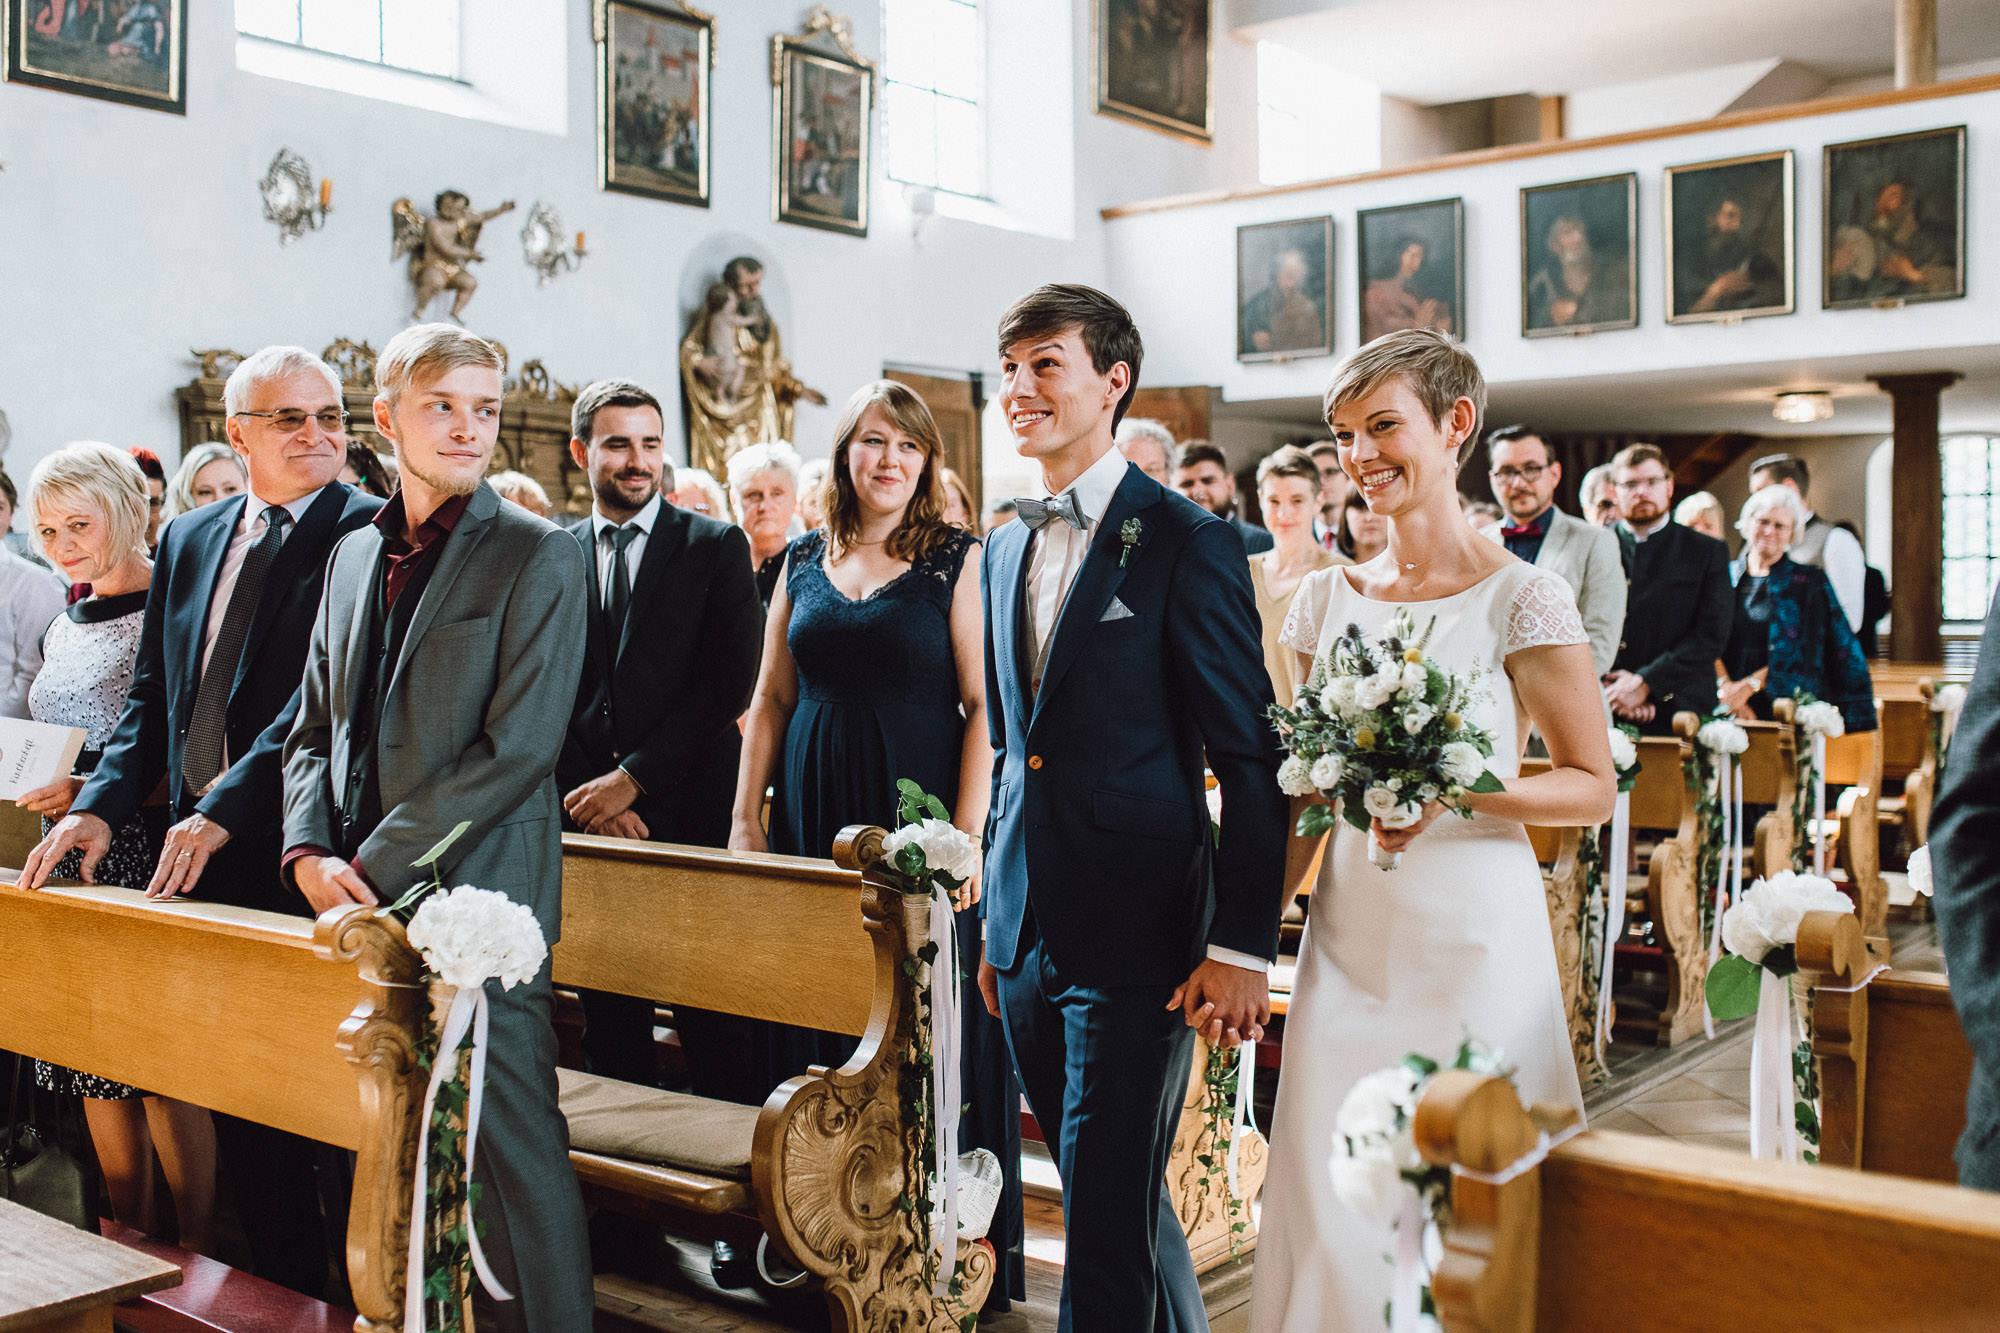 greenery-wedding-hochzeit-prielhof-sukkulenten-scheyern-lauraelenaphotography-038